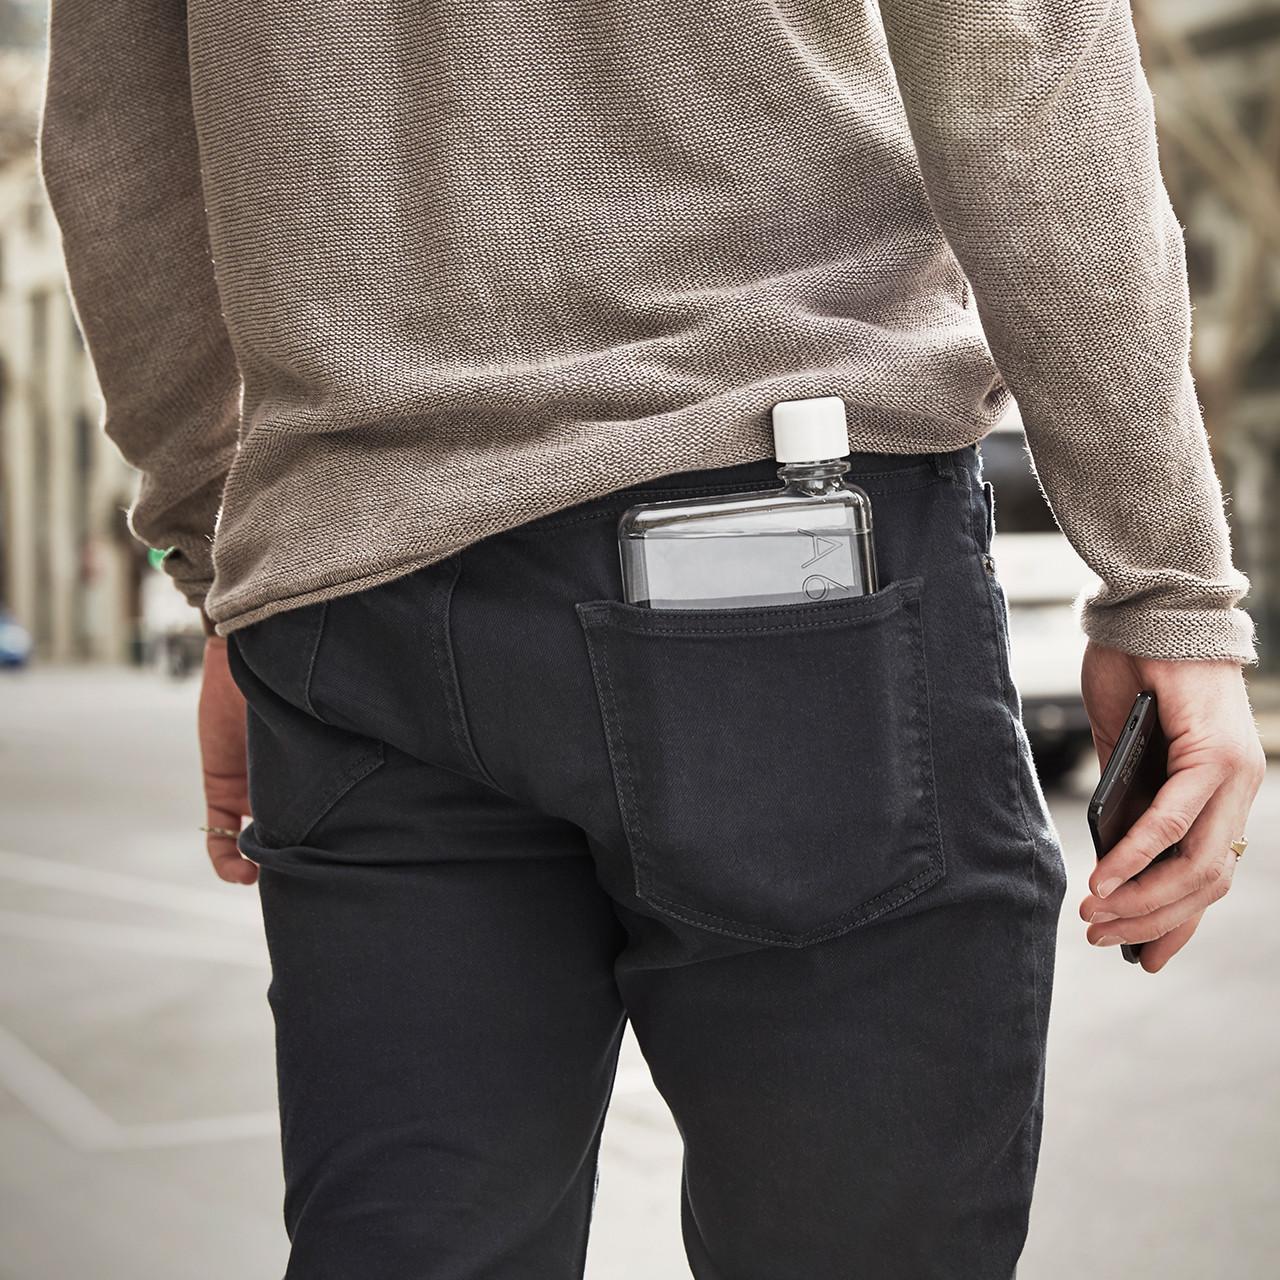 a6 memobottle back pocket